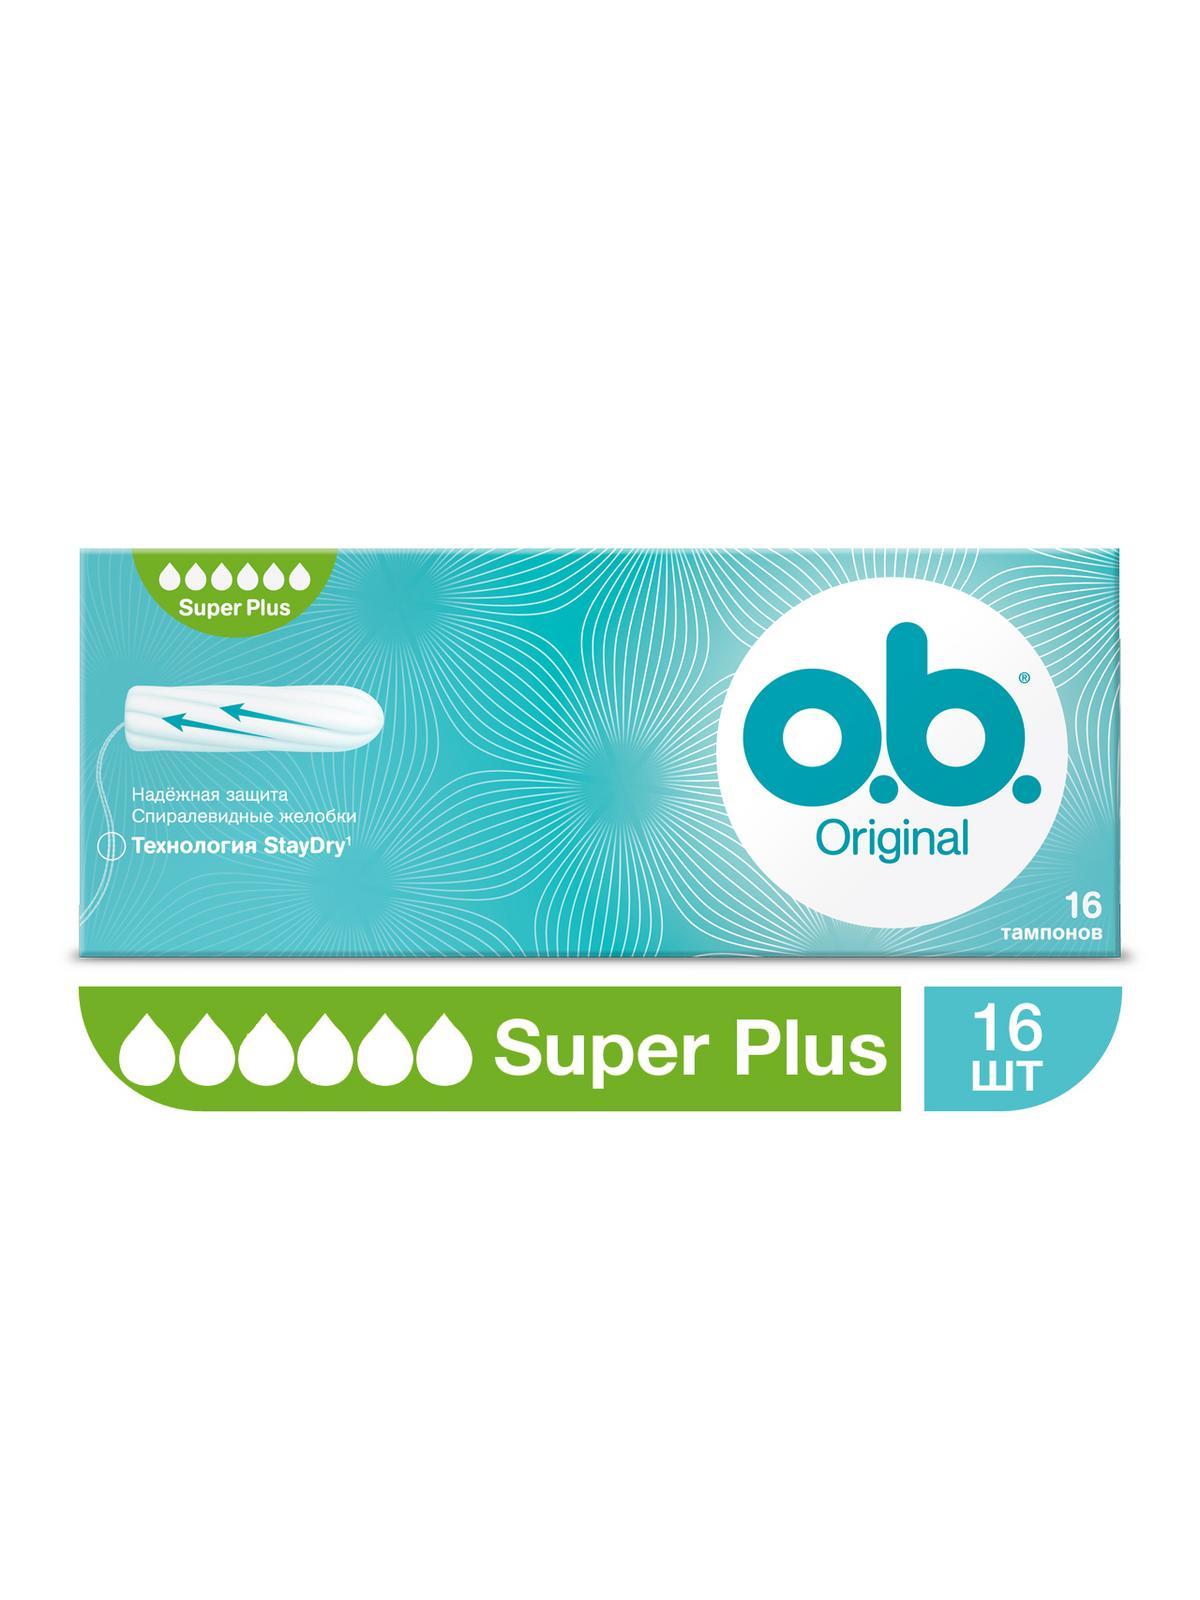 Купить Тампоны o.b. Original Супер плюс 16шт, тампоны 34566